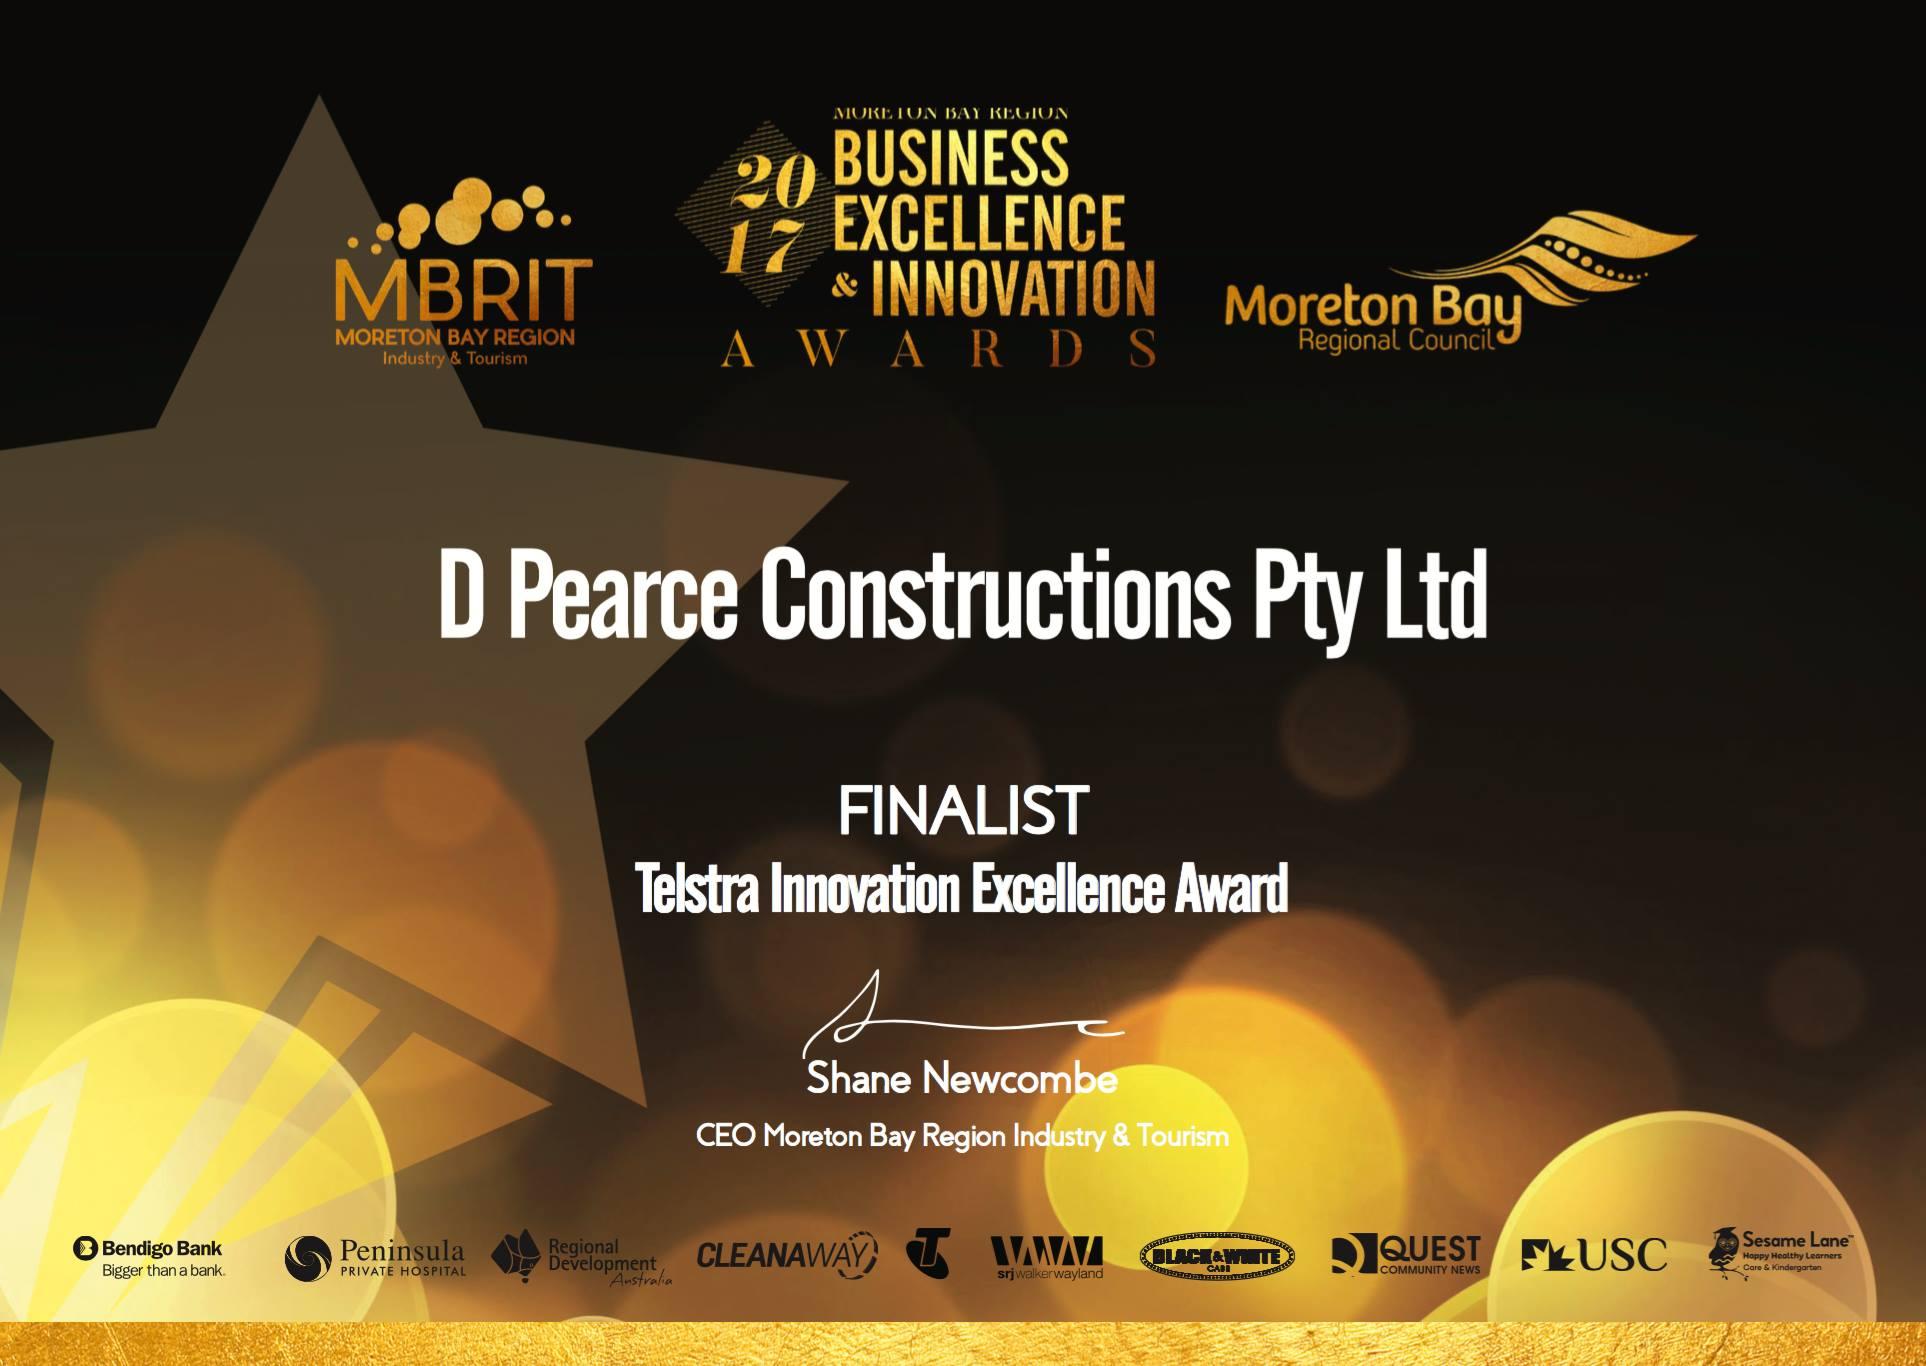 2017 Telstra Innovation Excellence Award Finalist - QuoteSpec